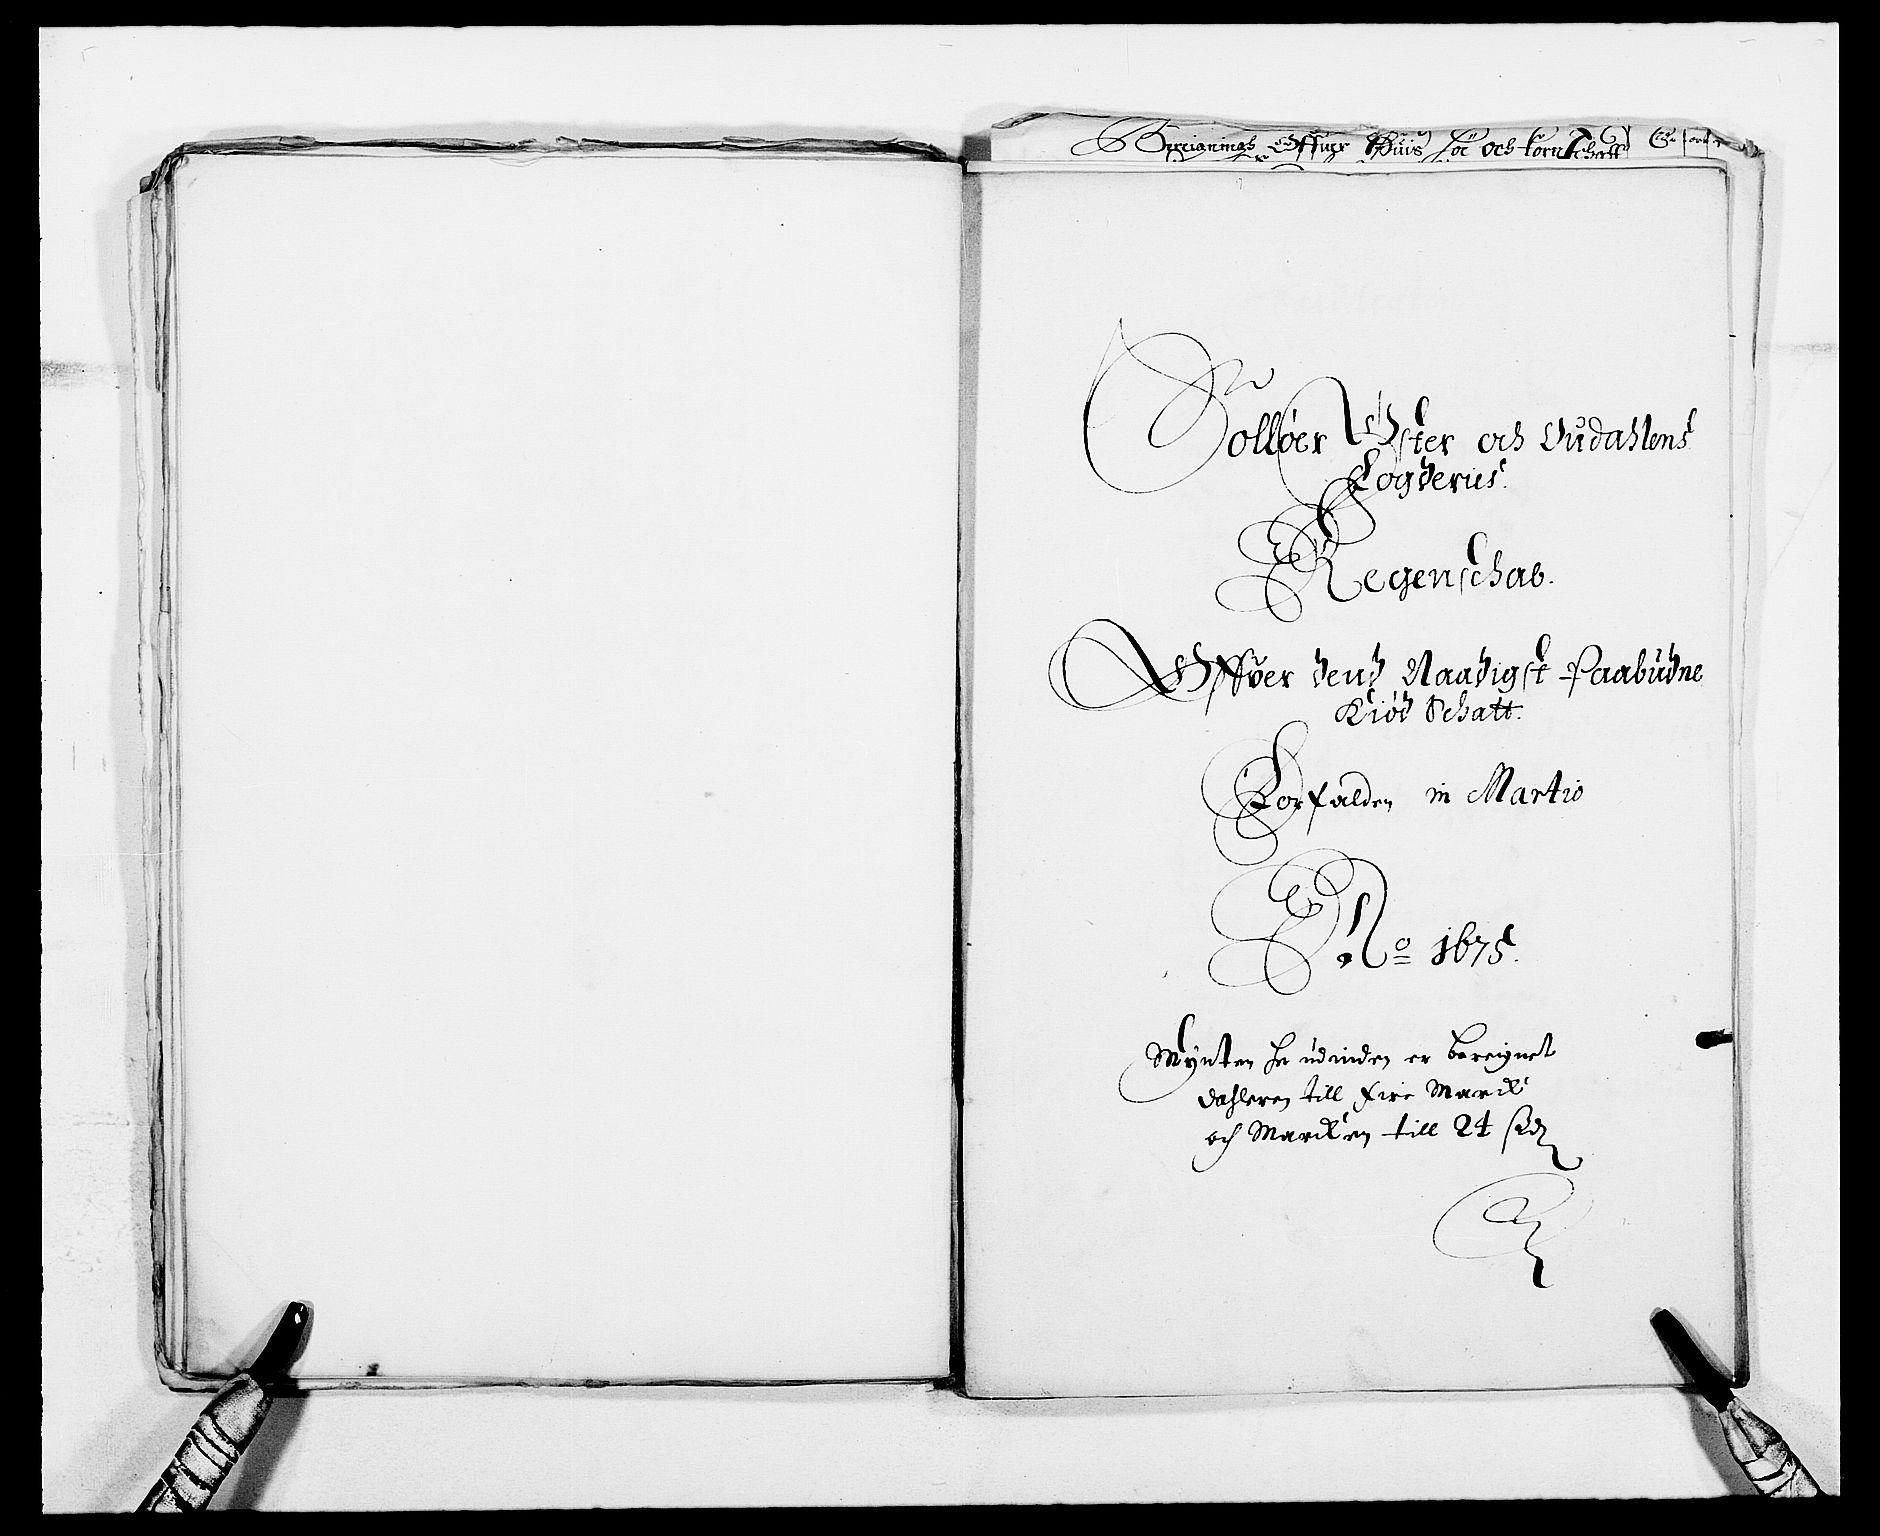 RA, Rentekammeret inntil 1814, Reviderte regnskaper, Fogderegnskap, R13/L0808: Fogderegnskap Solør, Odal og Østerdal, 1675, s. 58